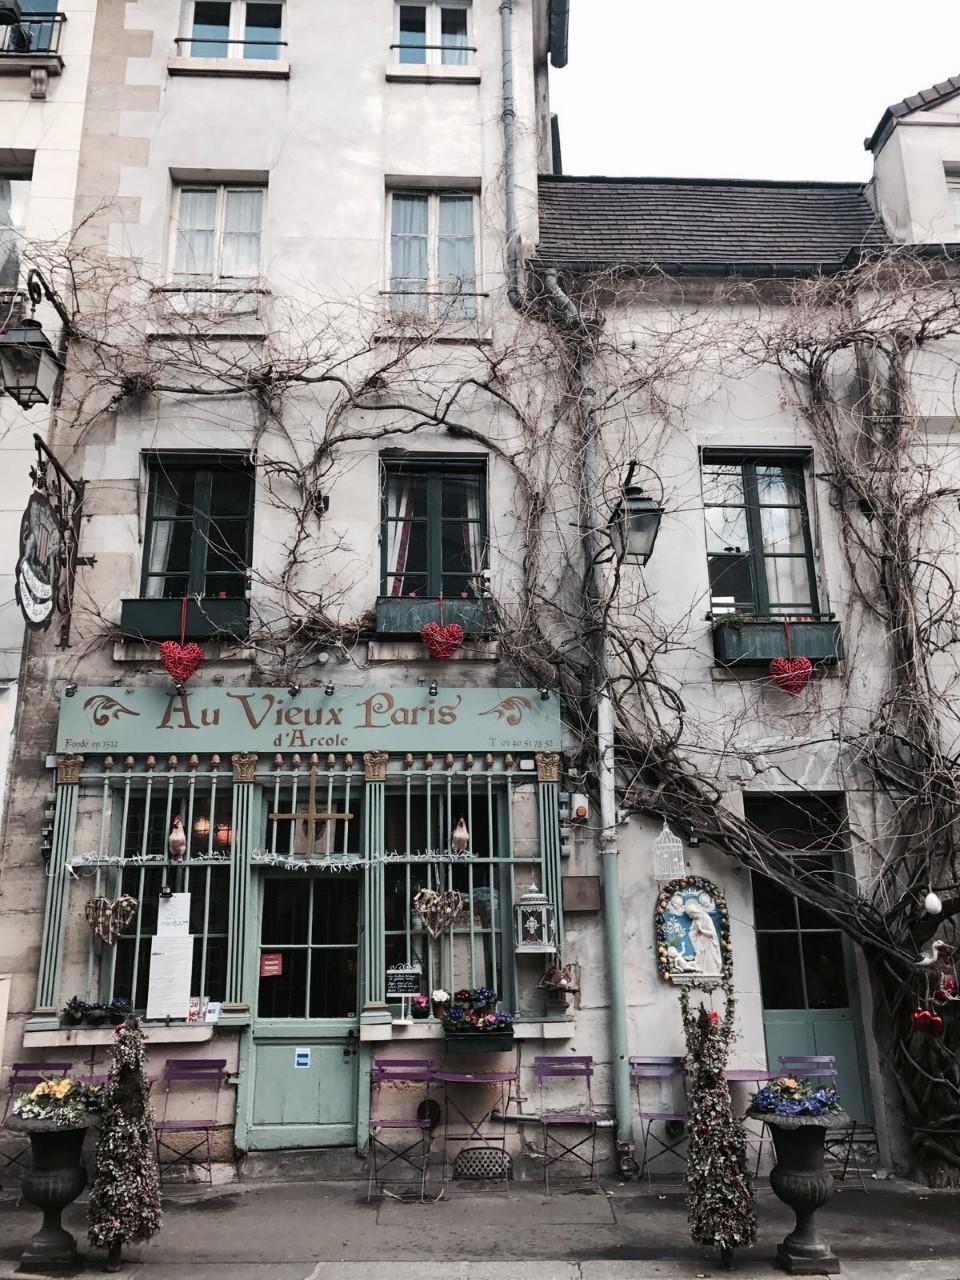 AU VIEUX PARIS - Wonderful little restaurant with impeccable exterior.